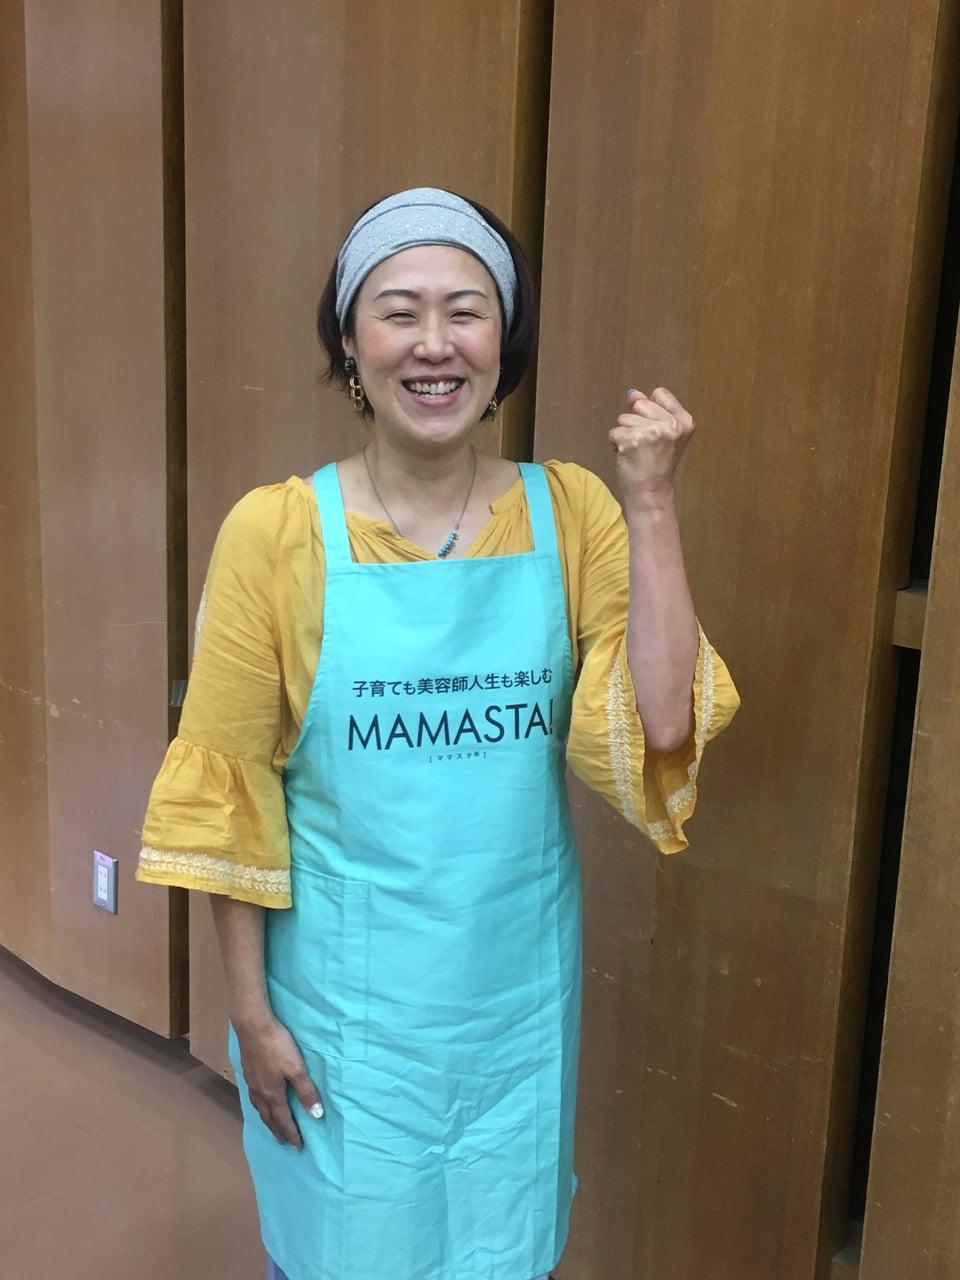 大阪からアンバサダー体験に来てくださった叶さん